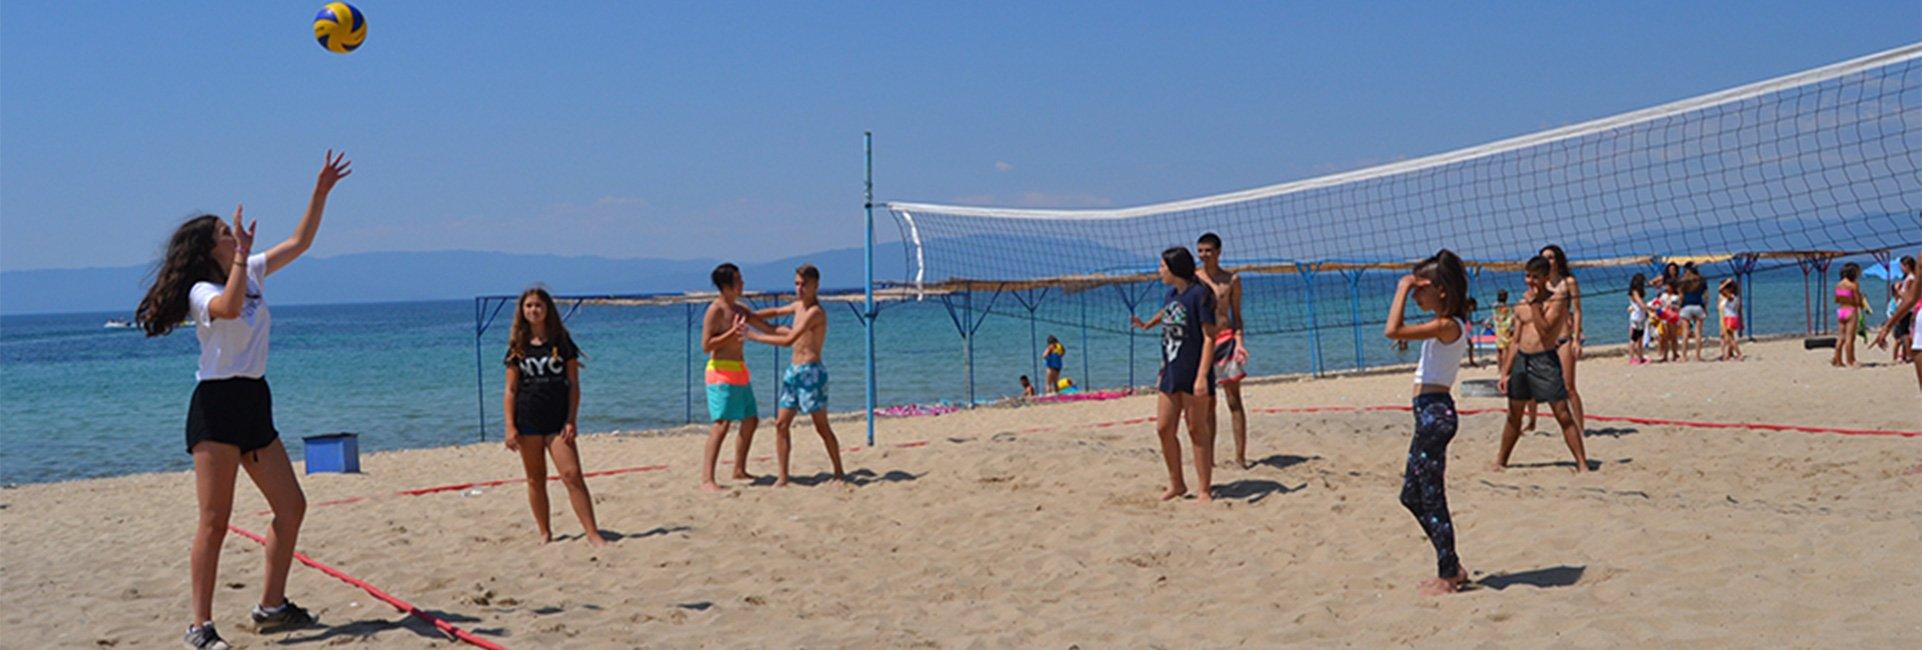 alexandra camp football artificial grass